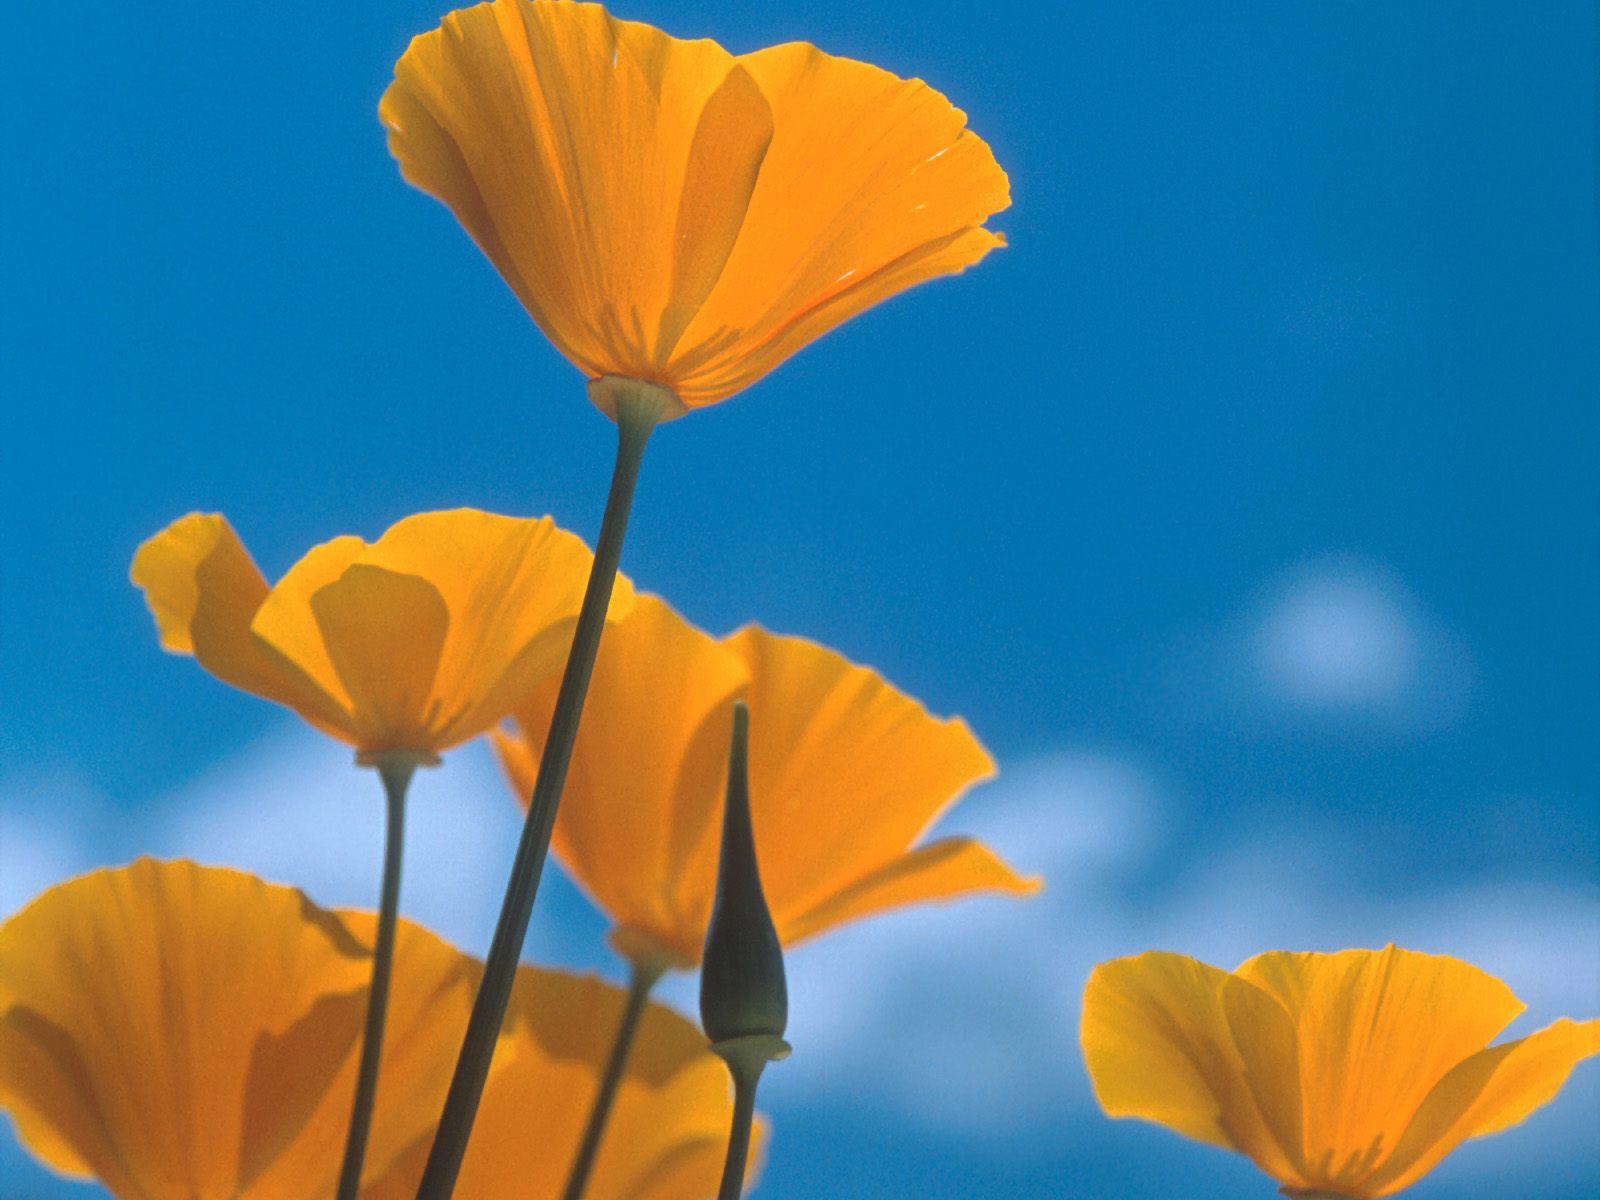 California Poppies, Siskiyou Mountains, near Ashland, Oregon